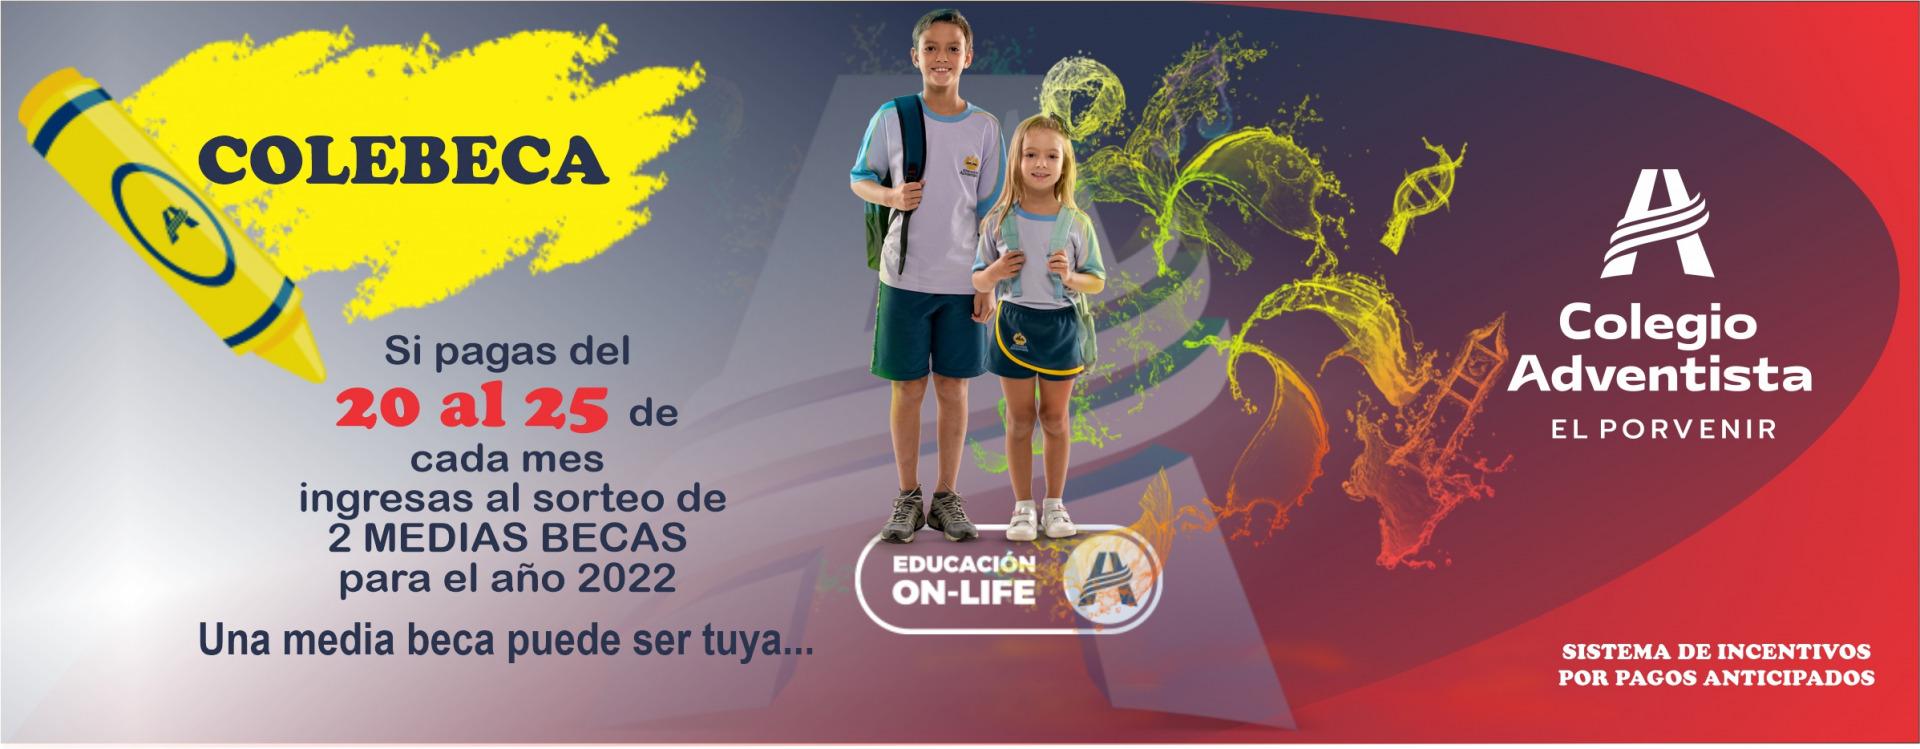 COLEBECA 2021